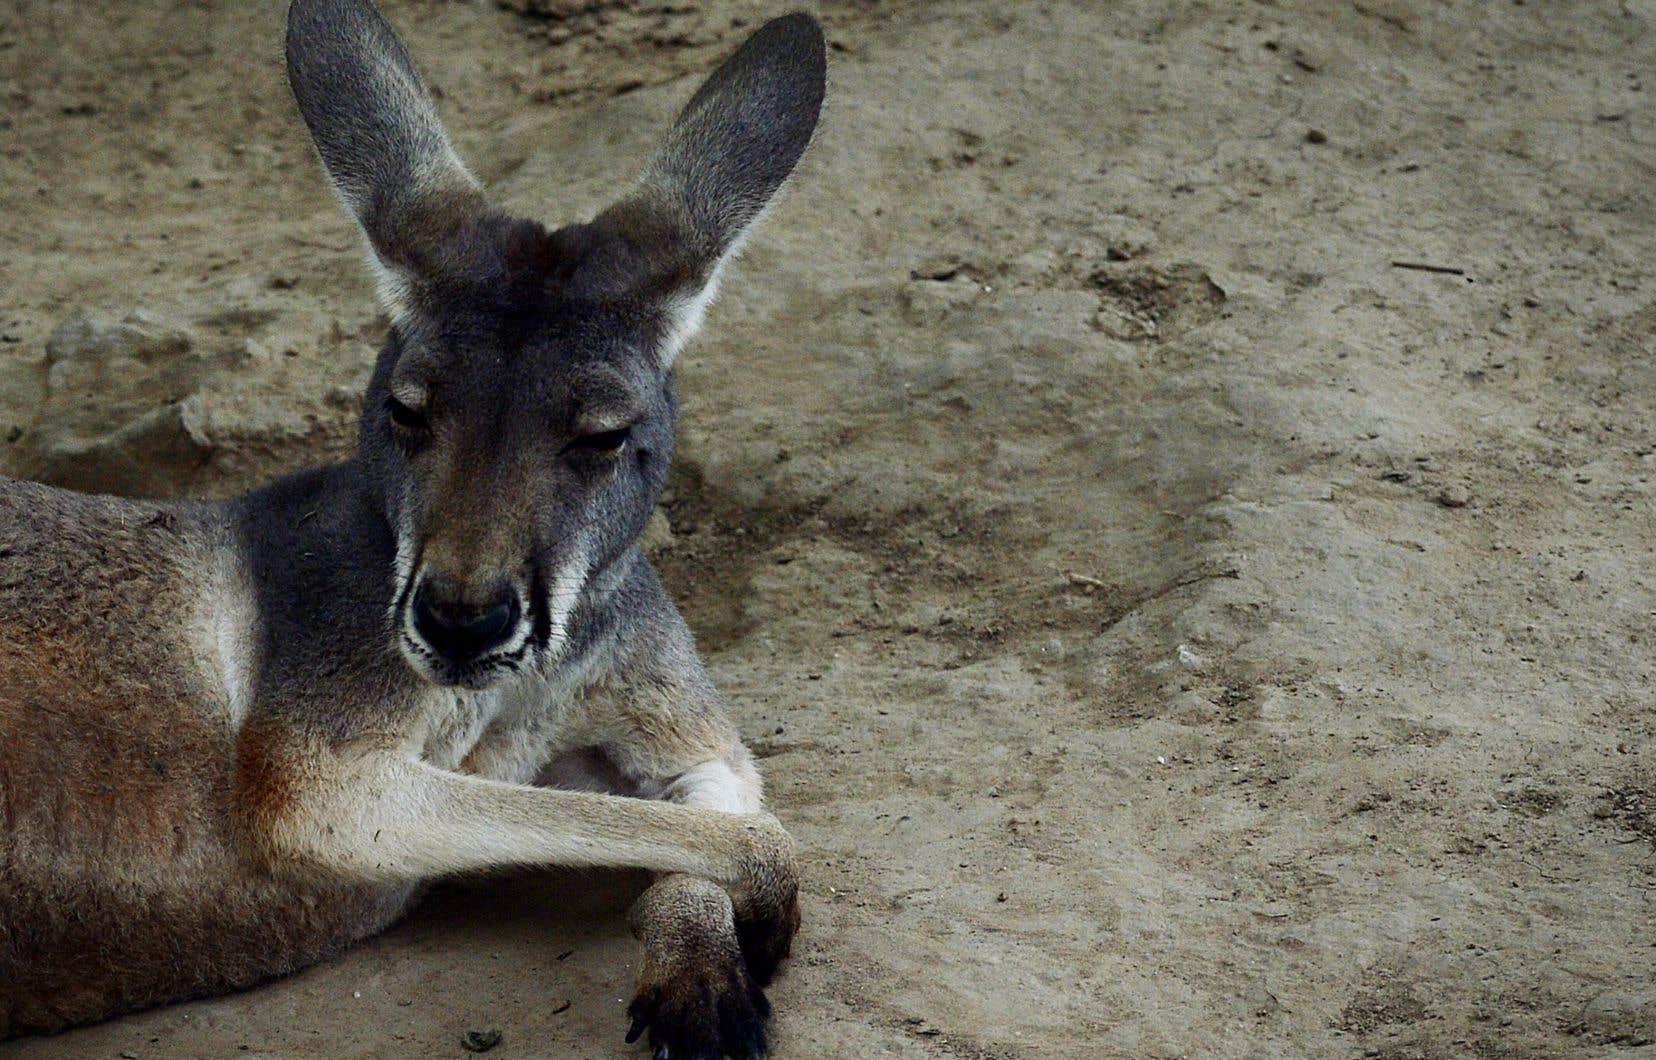 Un kangourou a trouvé la mort dans un zoo du sud-est de la Chine après avoir été la cible de jets de pierres de la part des visiteurs de l'endroit.